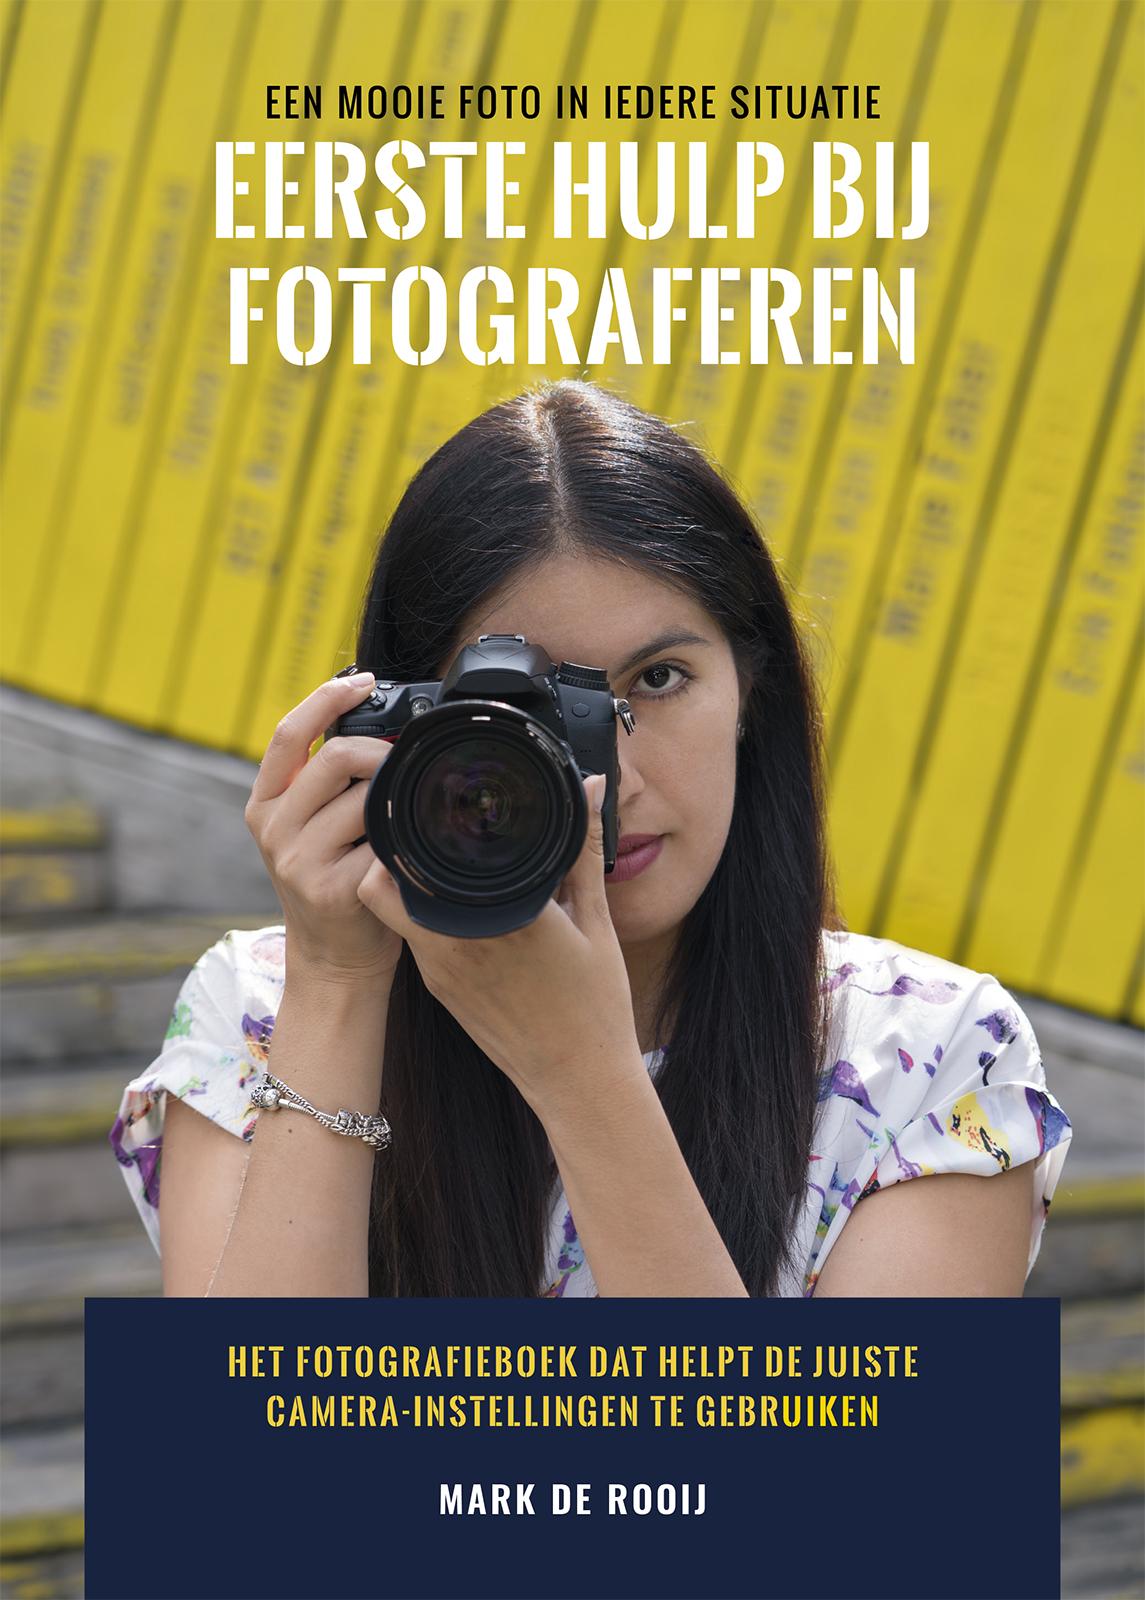 Eerste Hulp Bij Fotograferen (educatief fotografieboek) - Mark de Rooij, isbn 8719324545990